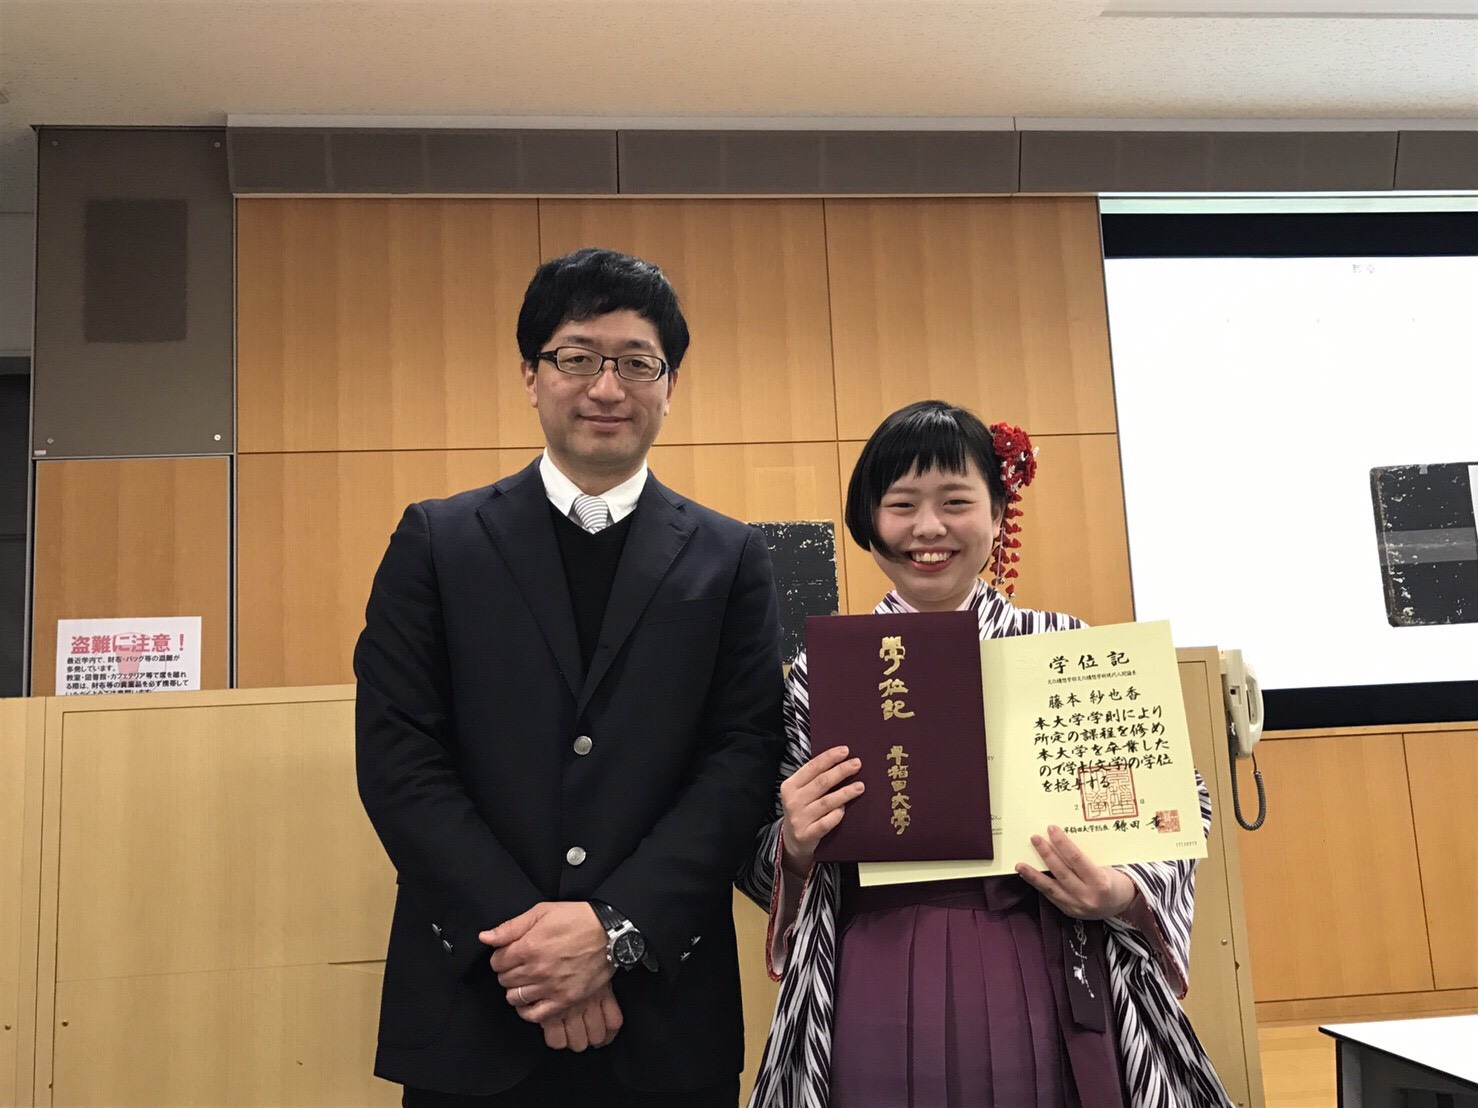 藤本さんが早大を卒業しました。(神宮寺先輩は来年度も在学中だそうです。)【1999の恋人稽古場日誌⑱】